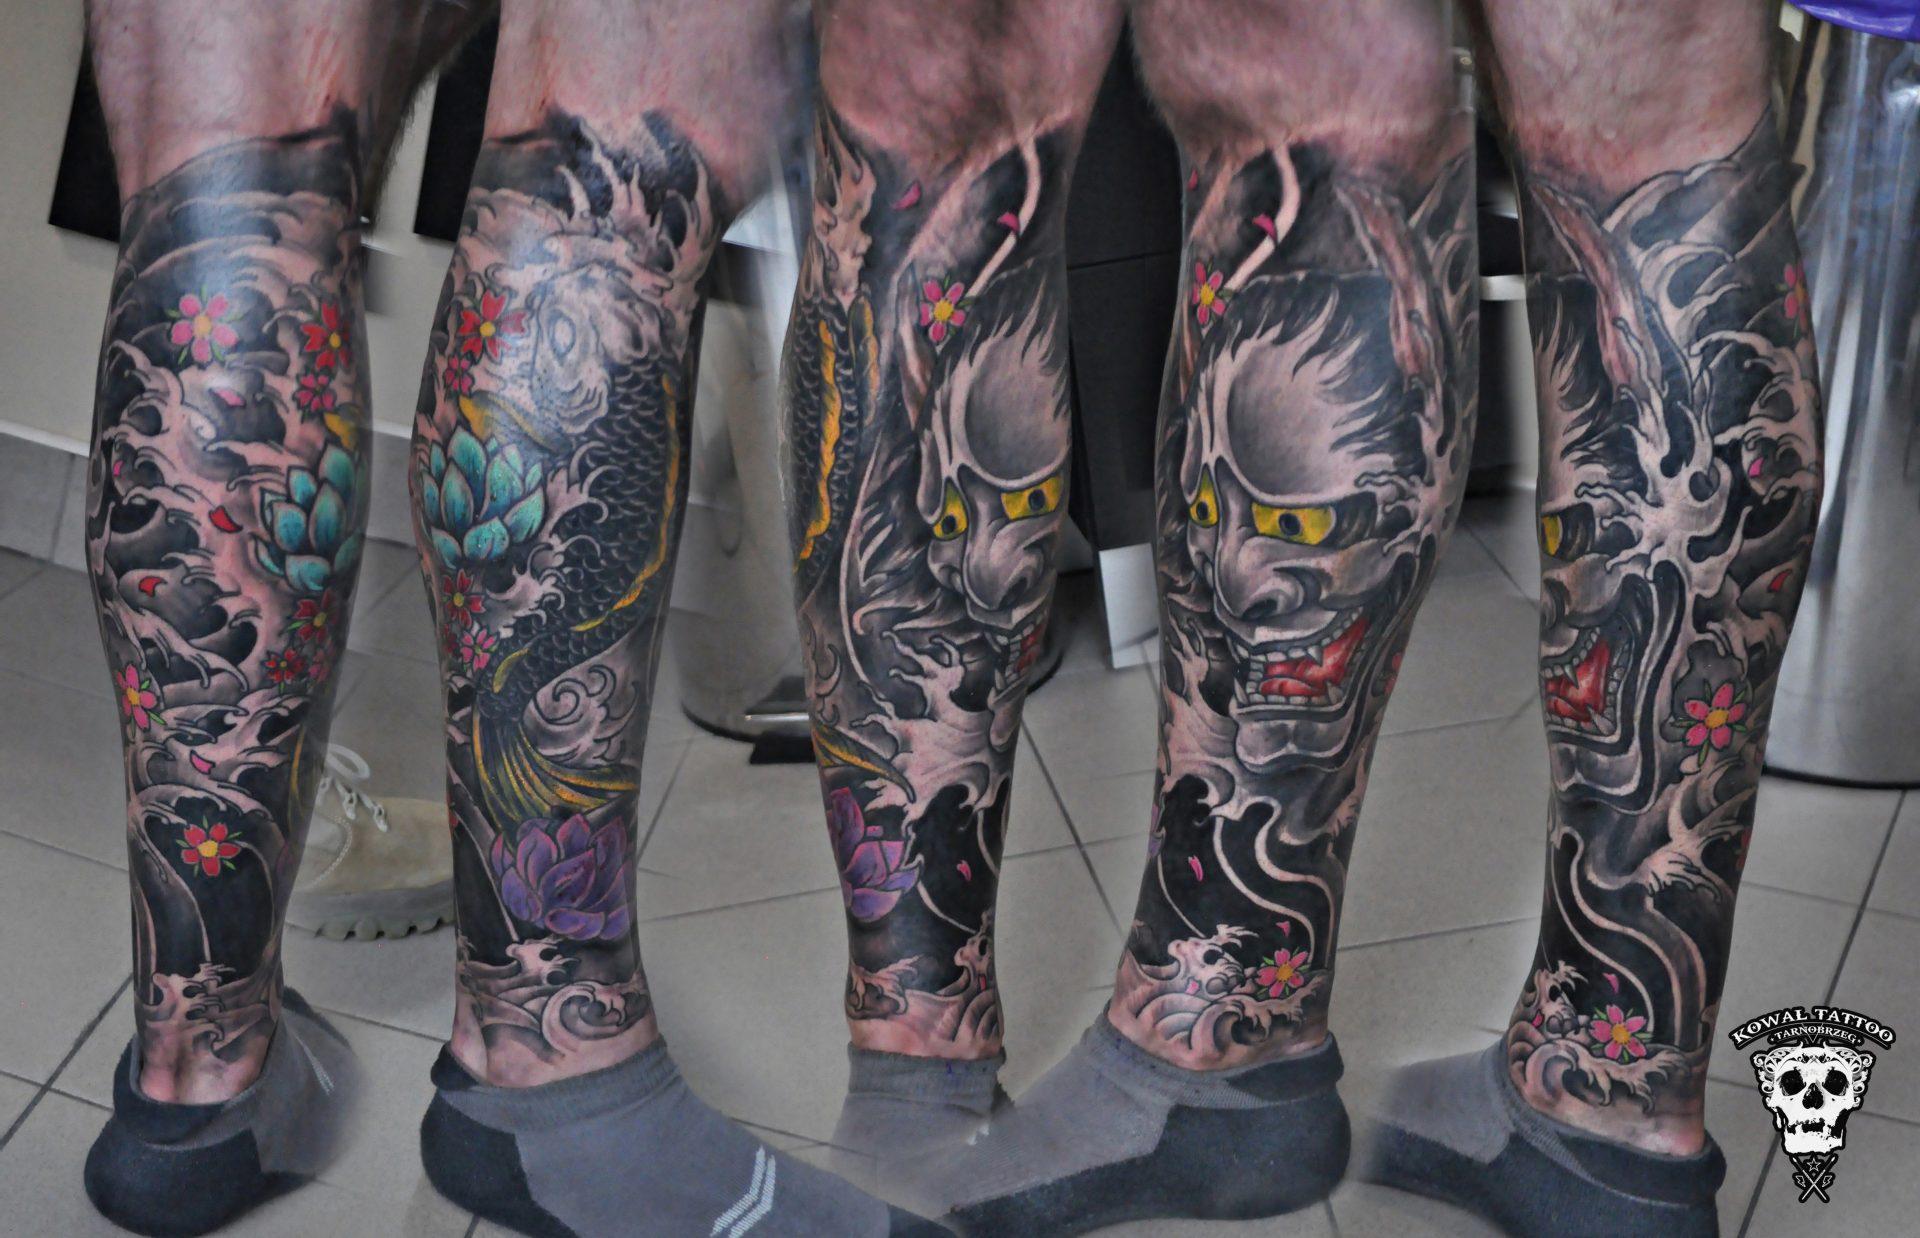 jap-kowal-tattoo copy